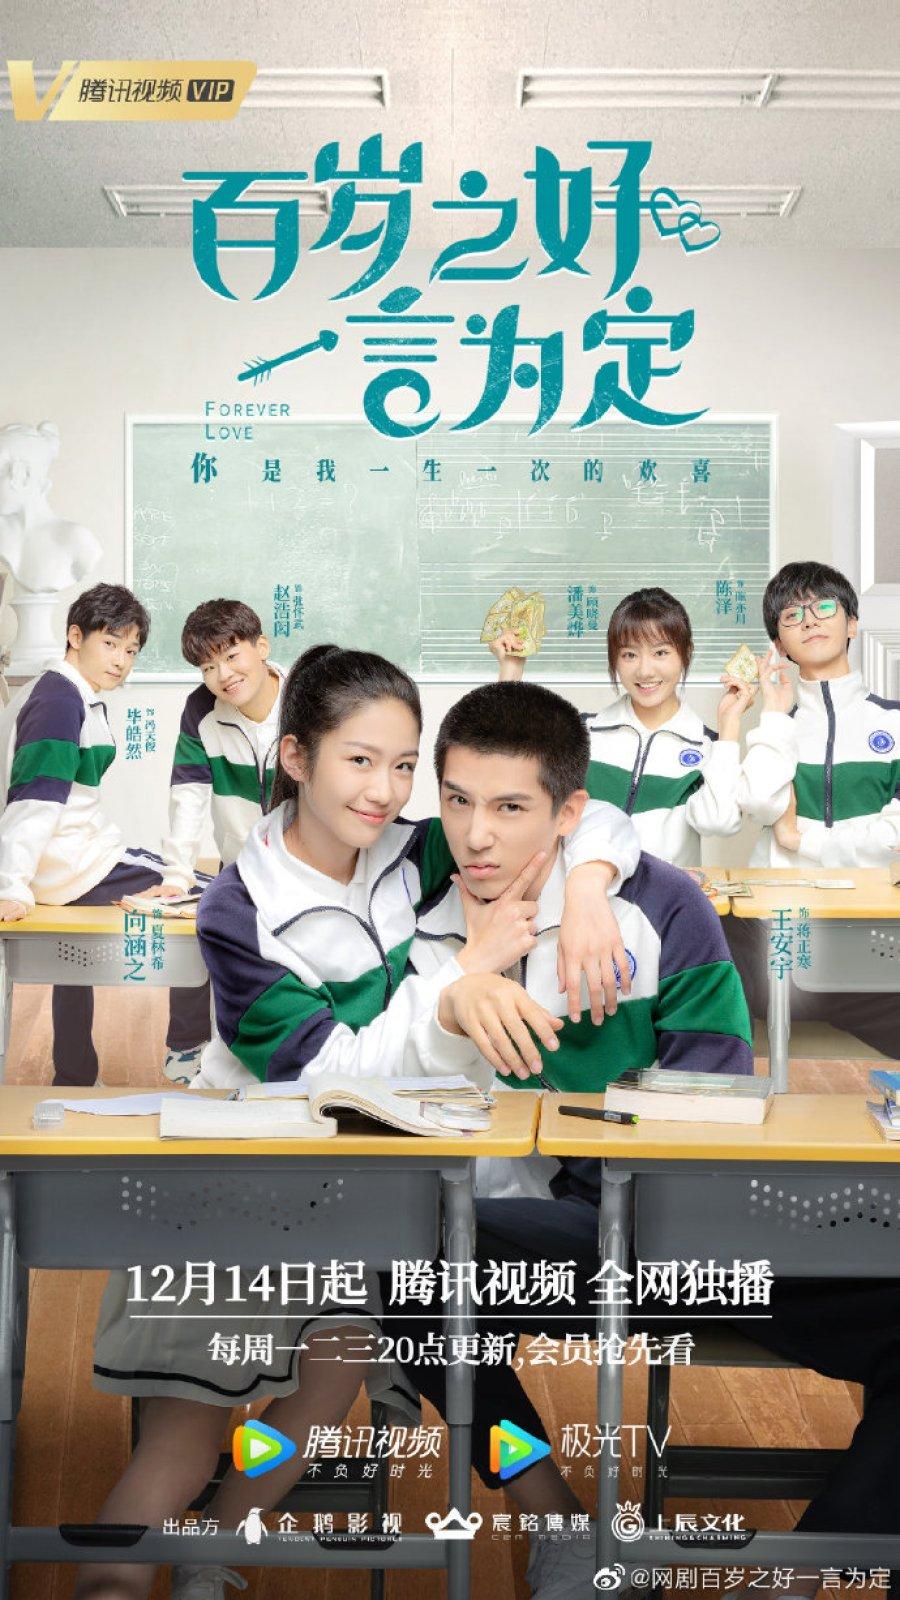 """2020 Forever Love الدراما الصينية """"حب للأبد"""". تقرير عن الدراما + الأبطال + جميع الحلقات مترجمة أونلاين . مسلسل حب للأبد الصيني مترجمة. مسلسل حب أبدي مترجم"""